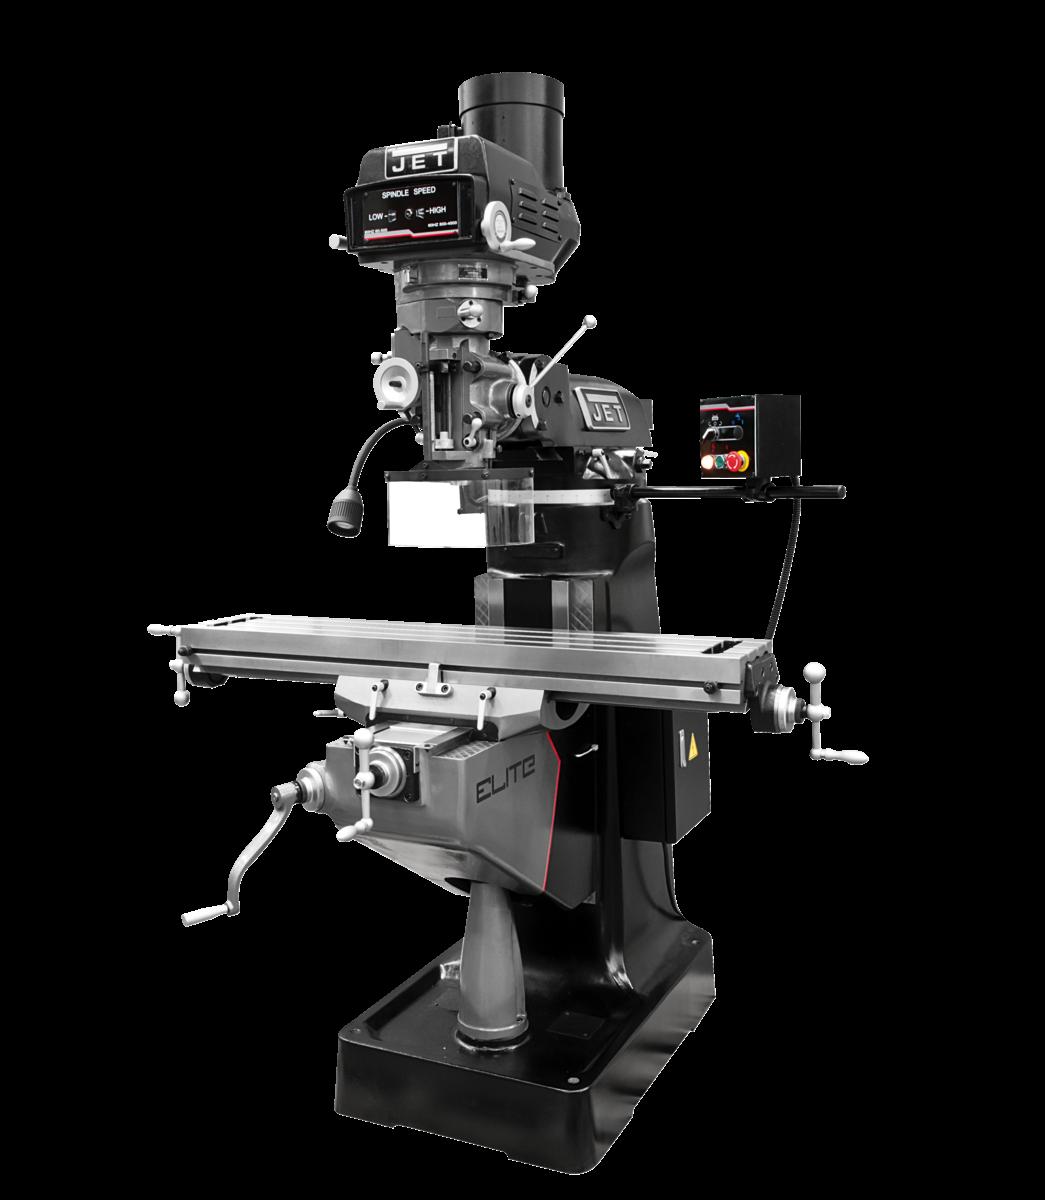 ETM-949 Mill with Servo Y-Axis Powerfeed